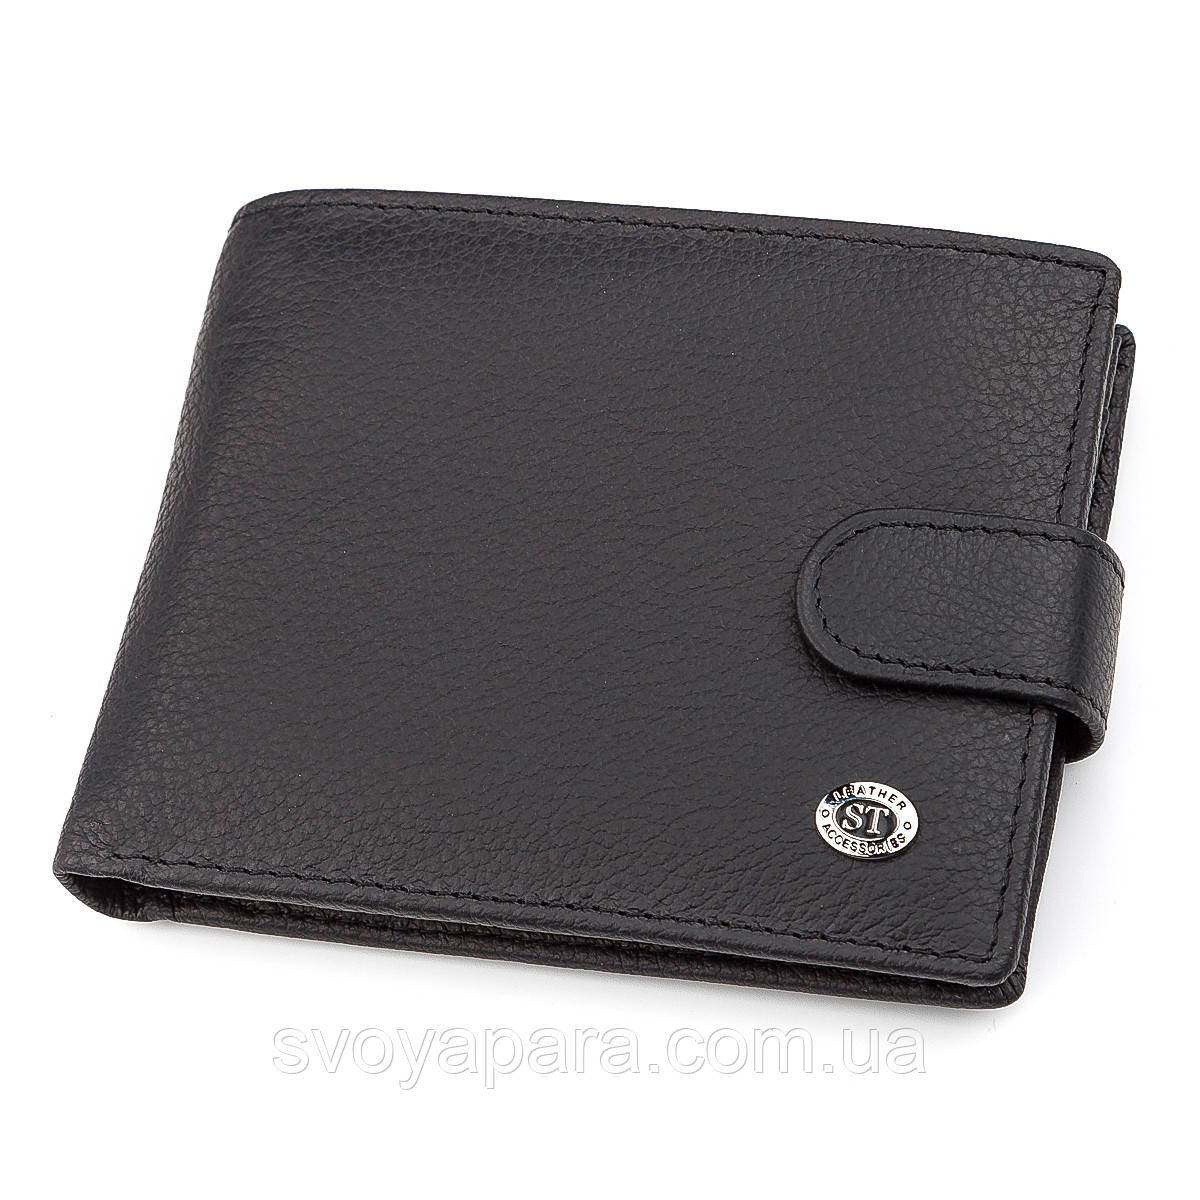 Мужской кошелек ST Leather 18328 (ST137) итальянская кожа Черный